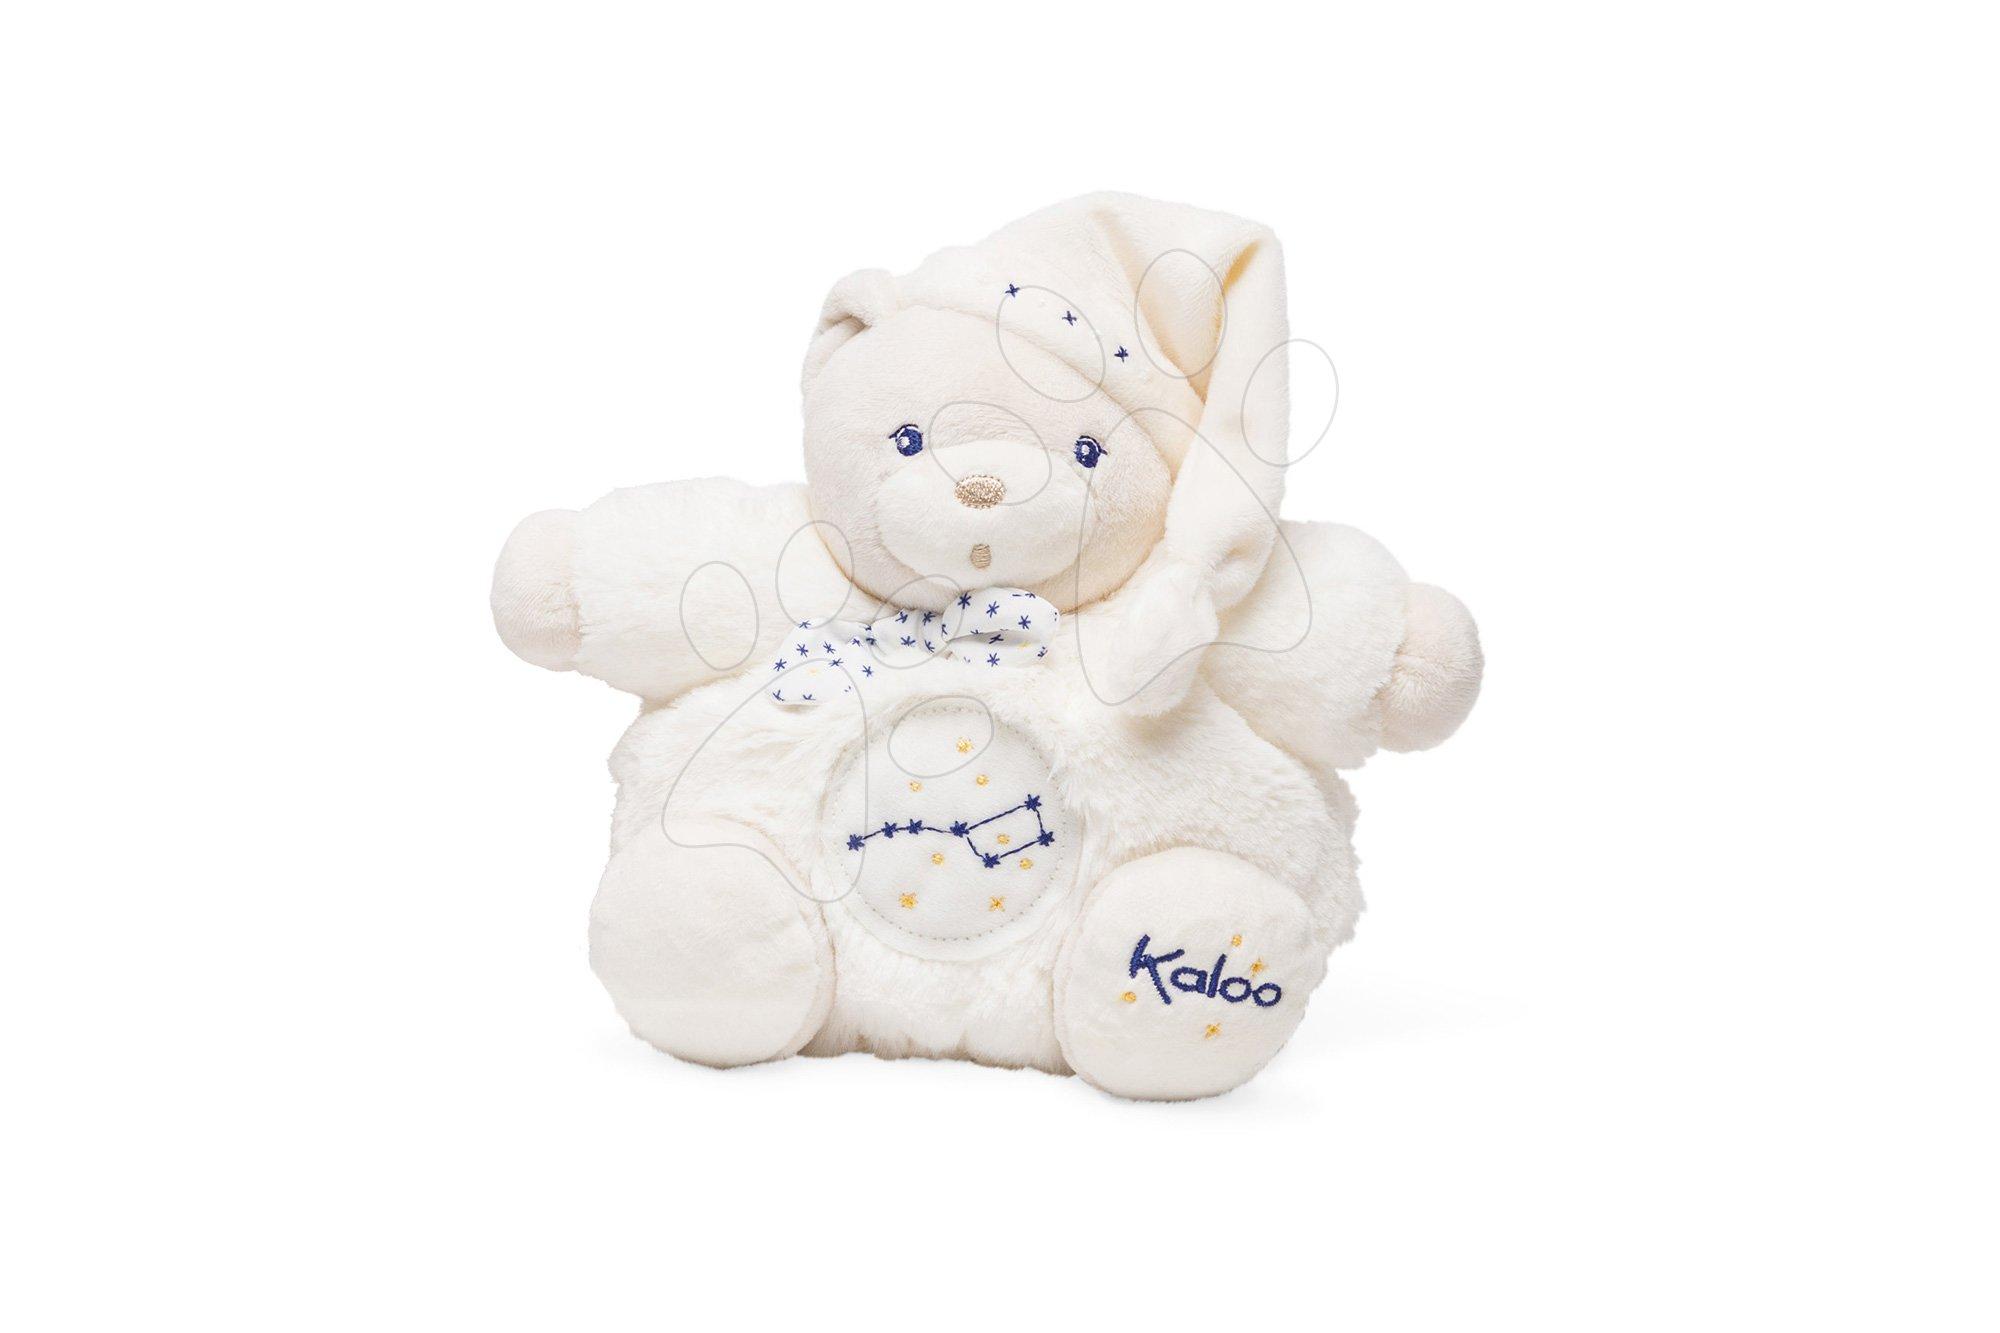 Plyšový medveď Petite Etoile Chubby Bear Kaloo malý